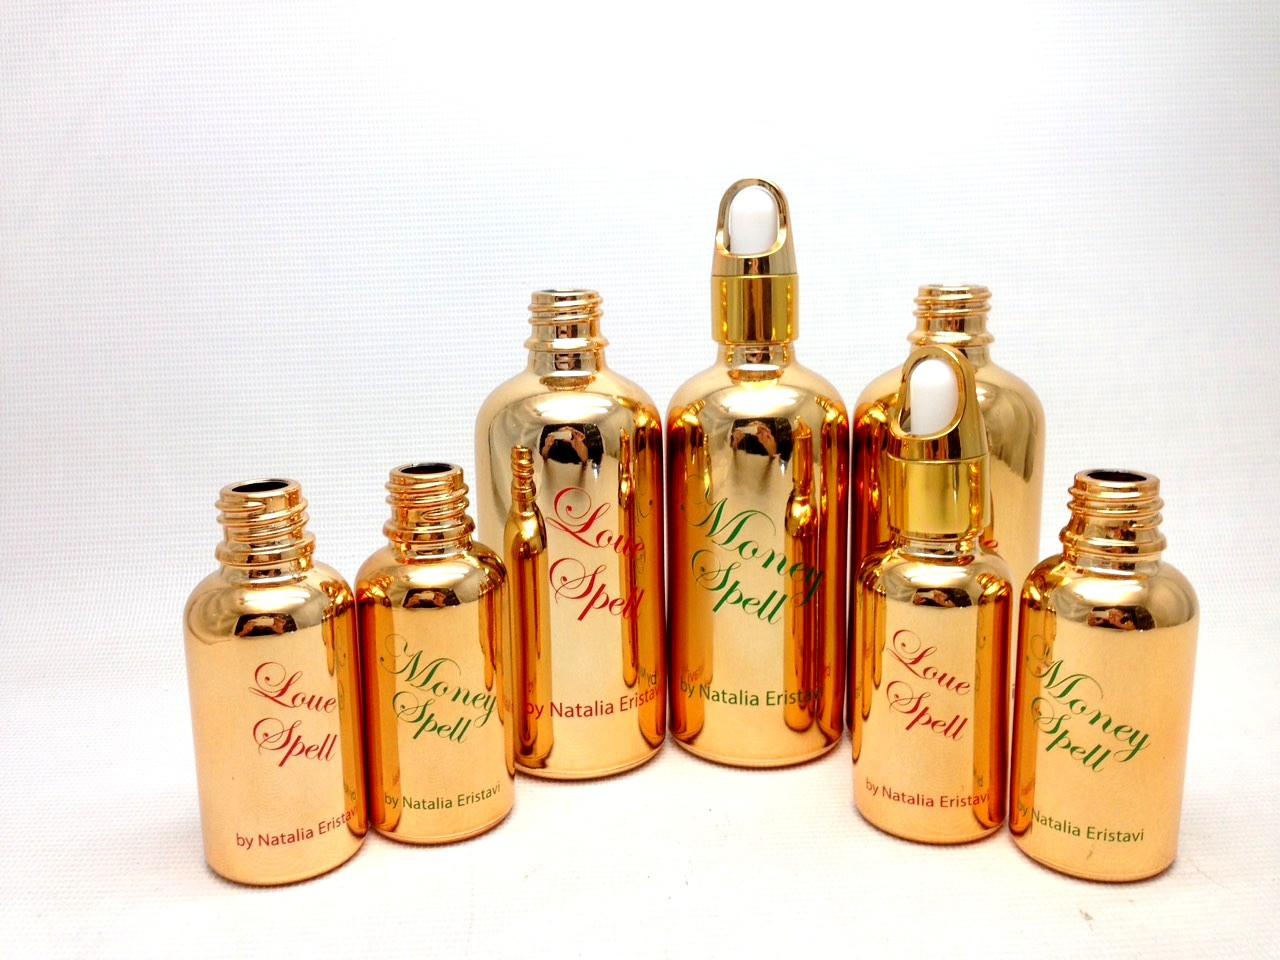 Безобжиговая деколь, брендирование упаковки для косметики и парфюмерии